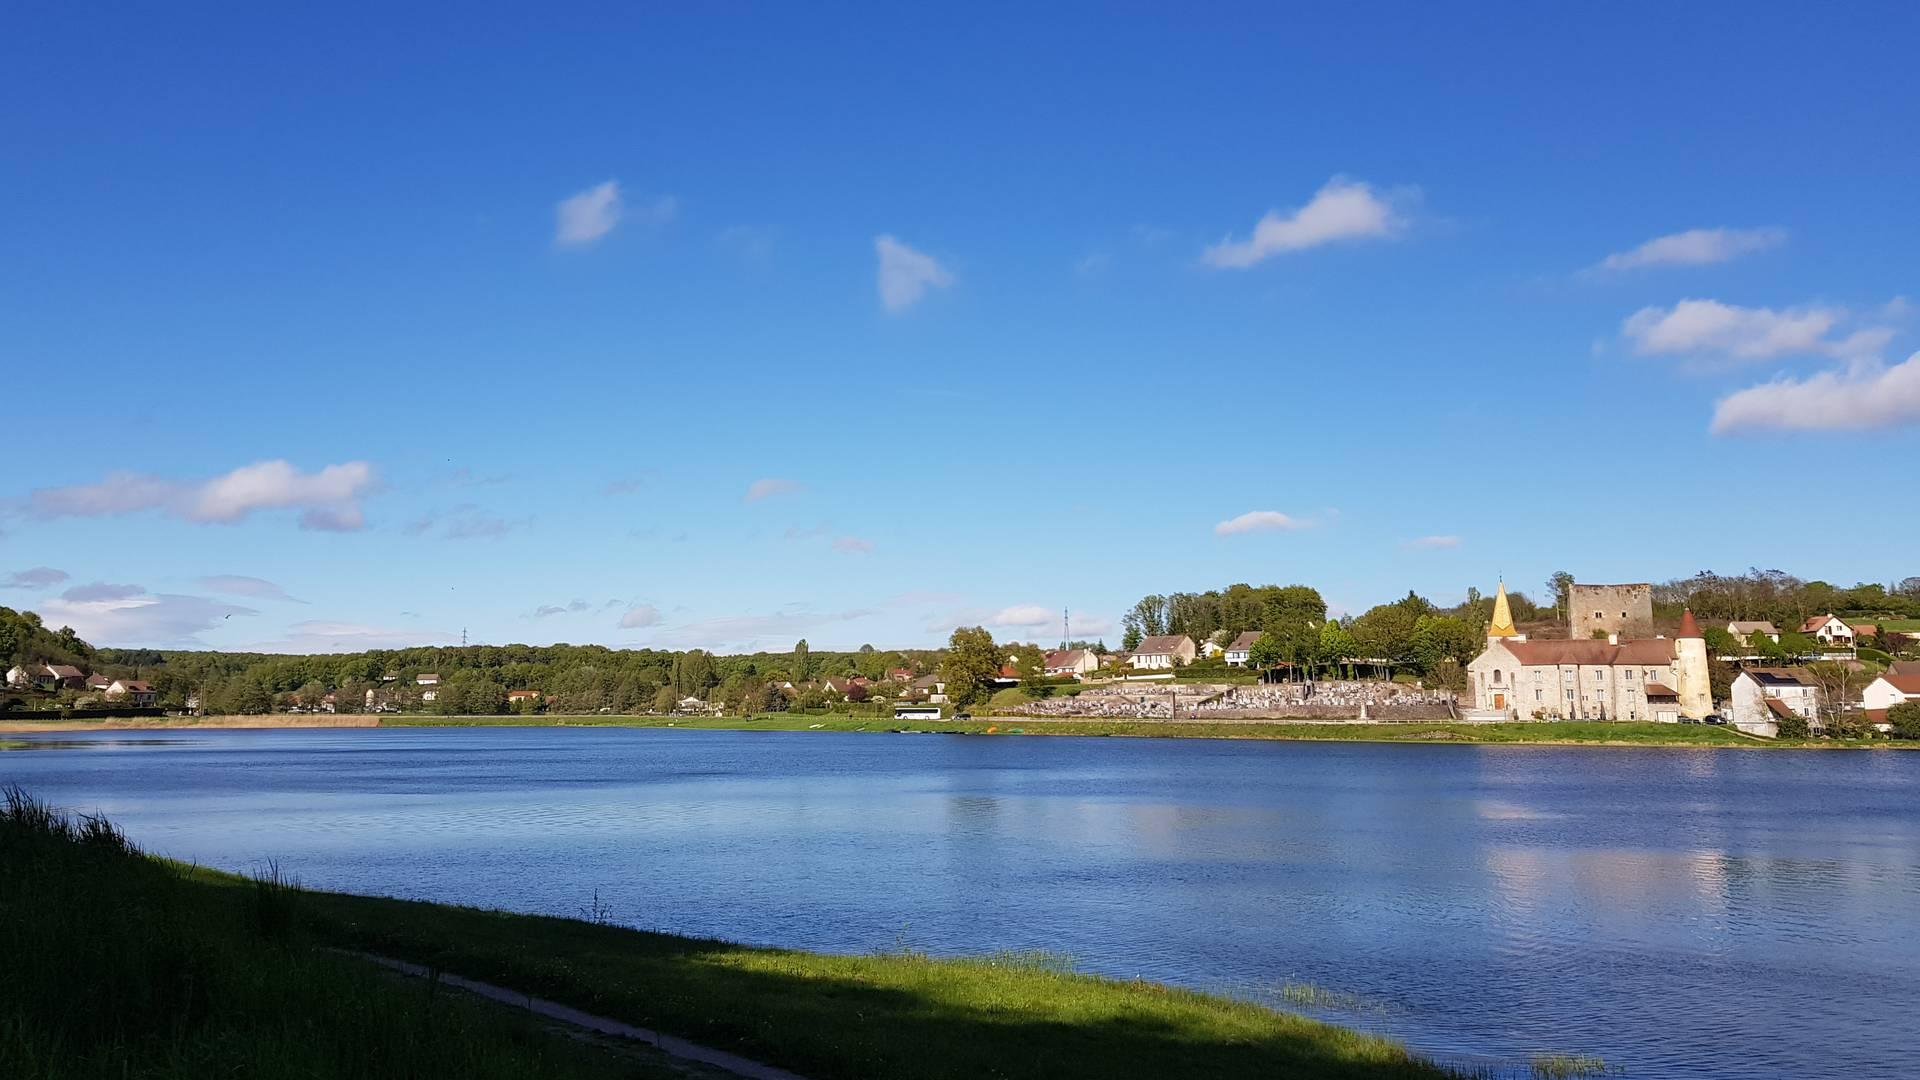 En se promenant autour de l'étang, Saint-Sernin-du-Bois. © Creusot Montceau Tourisme.